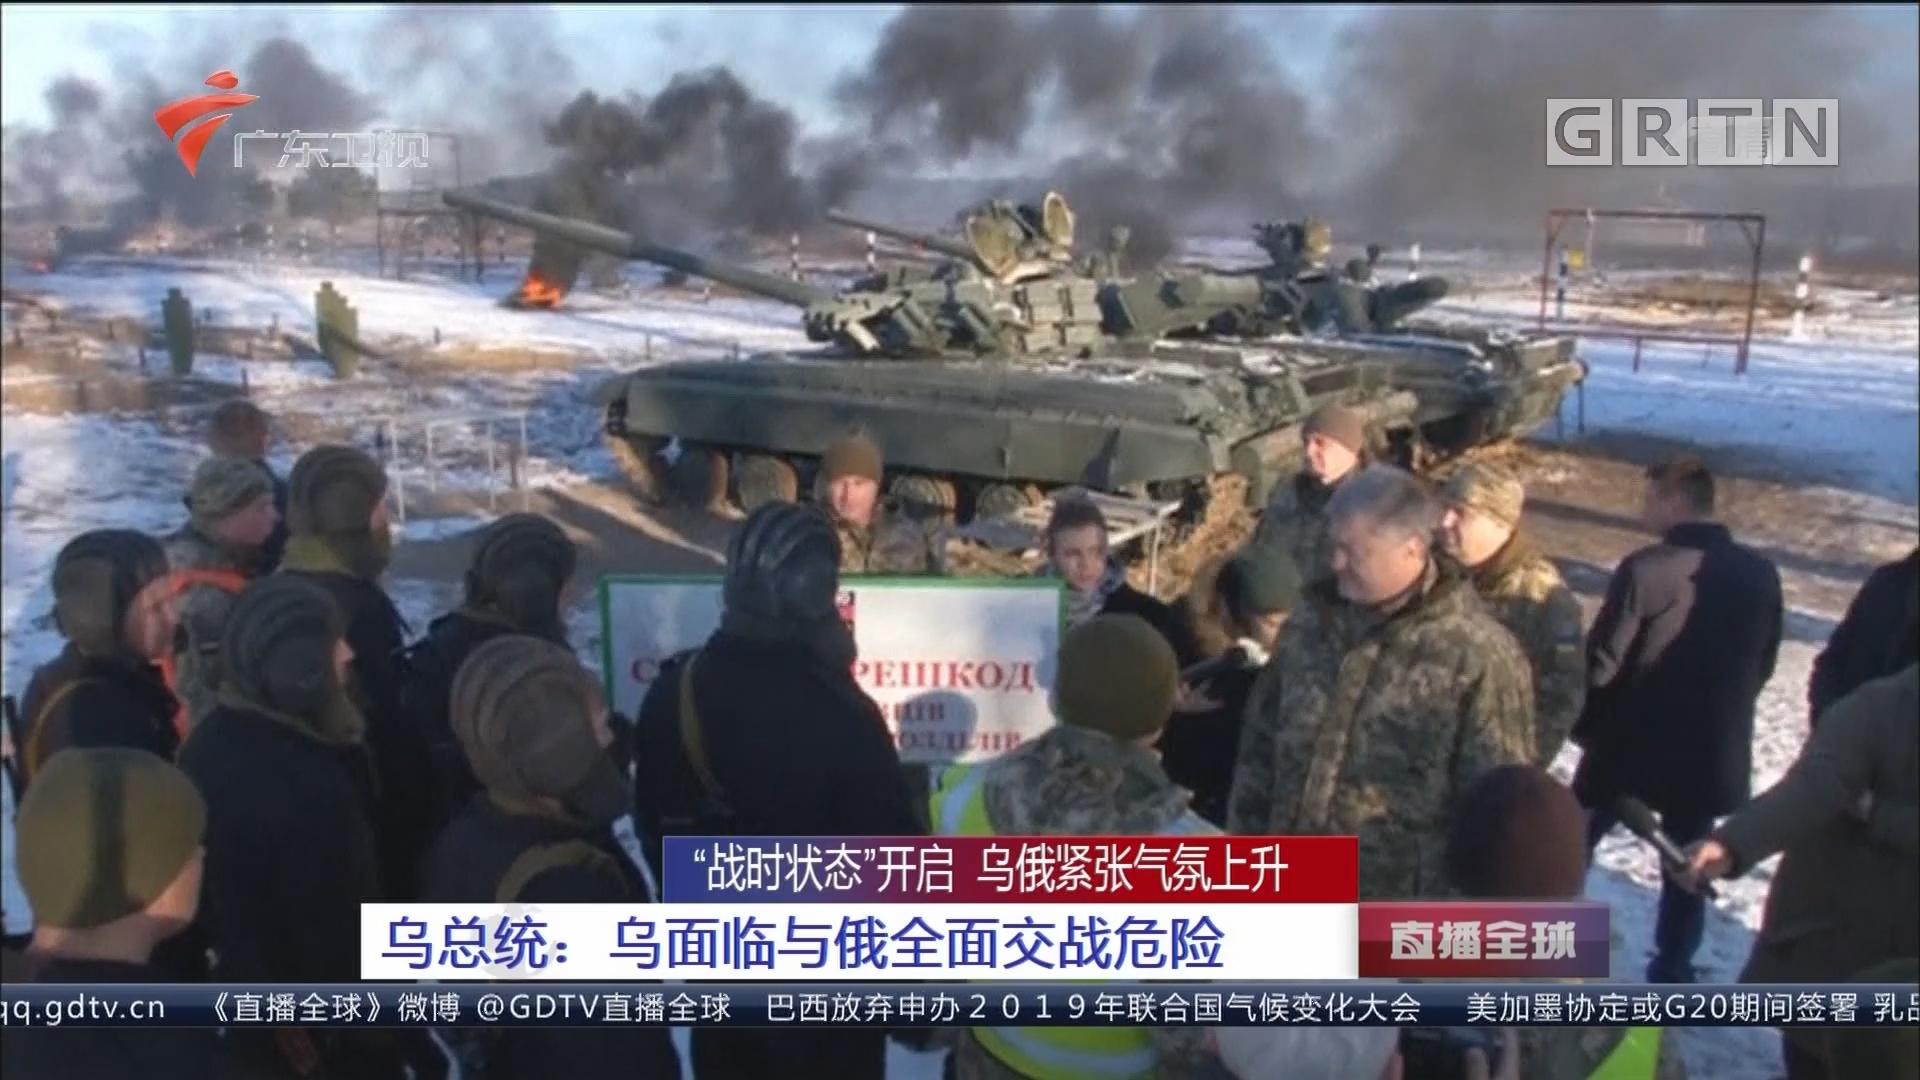 """""""战时状态""""开启 乌俄紧张气氛上升 乌总统:乌面临与俄全面交战危险"""